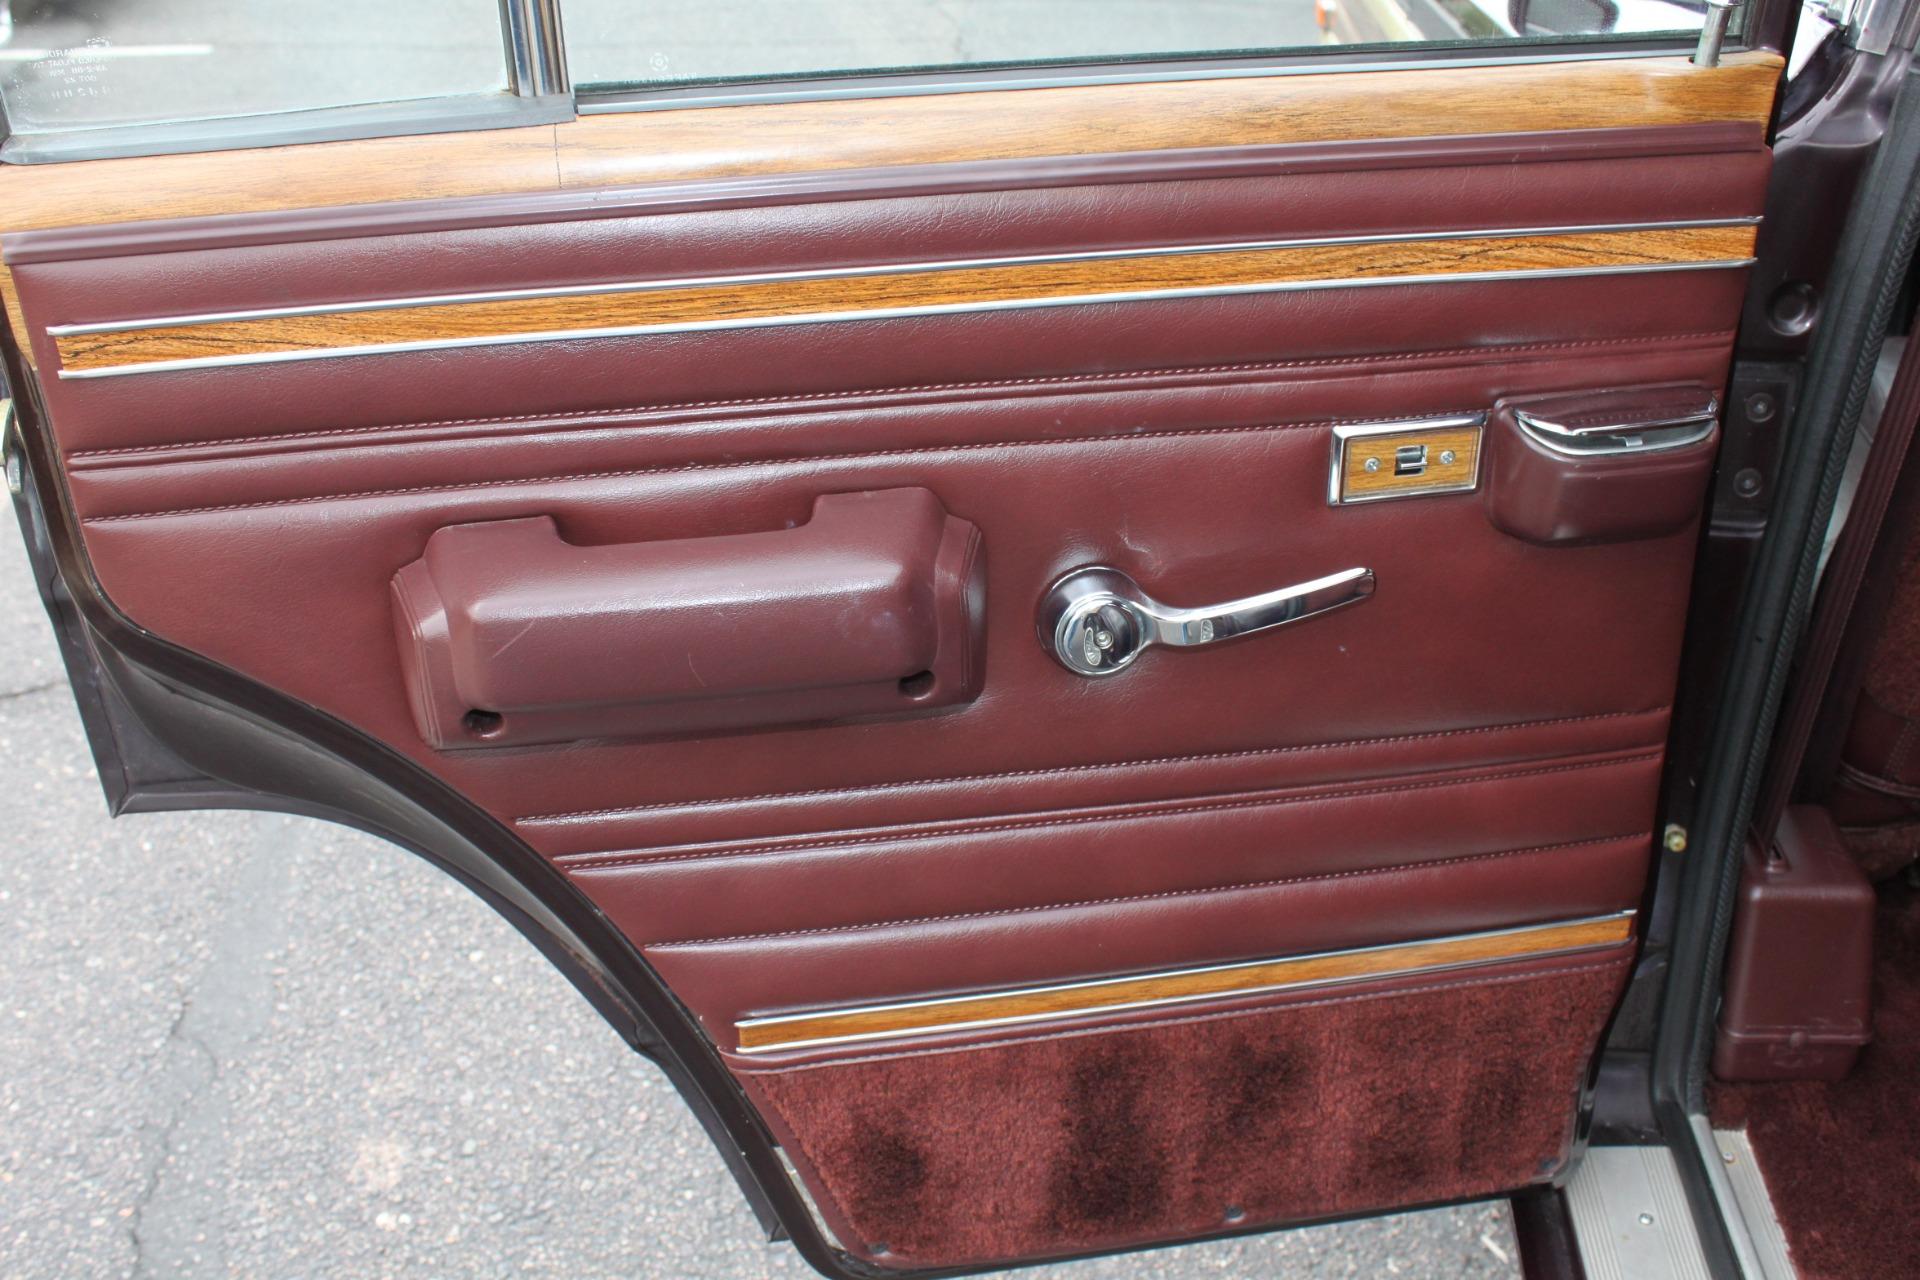 Used-1989-Jeep-Grand-Wagoneer-BMW